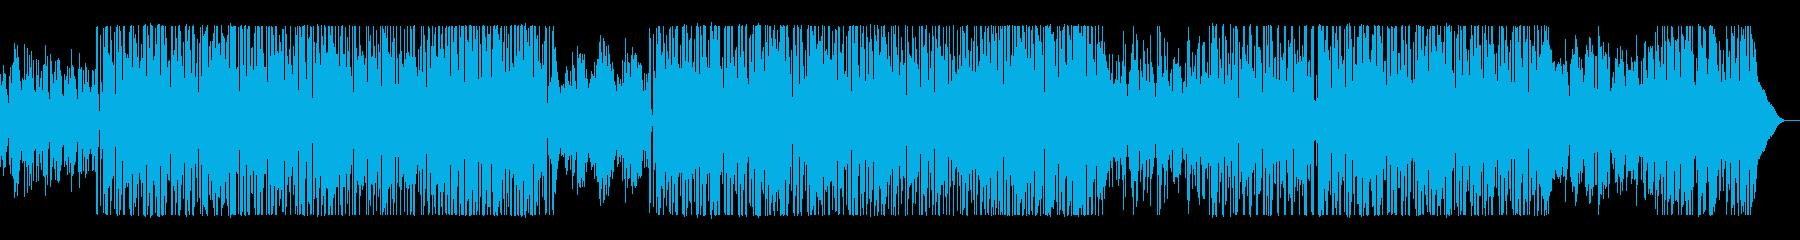 ほのぼのとしたアコースティック風の再生済みの波形